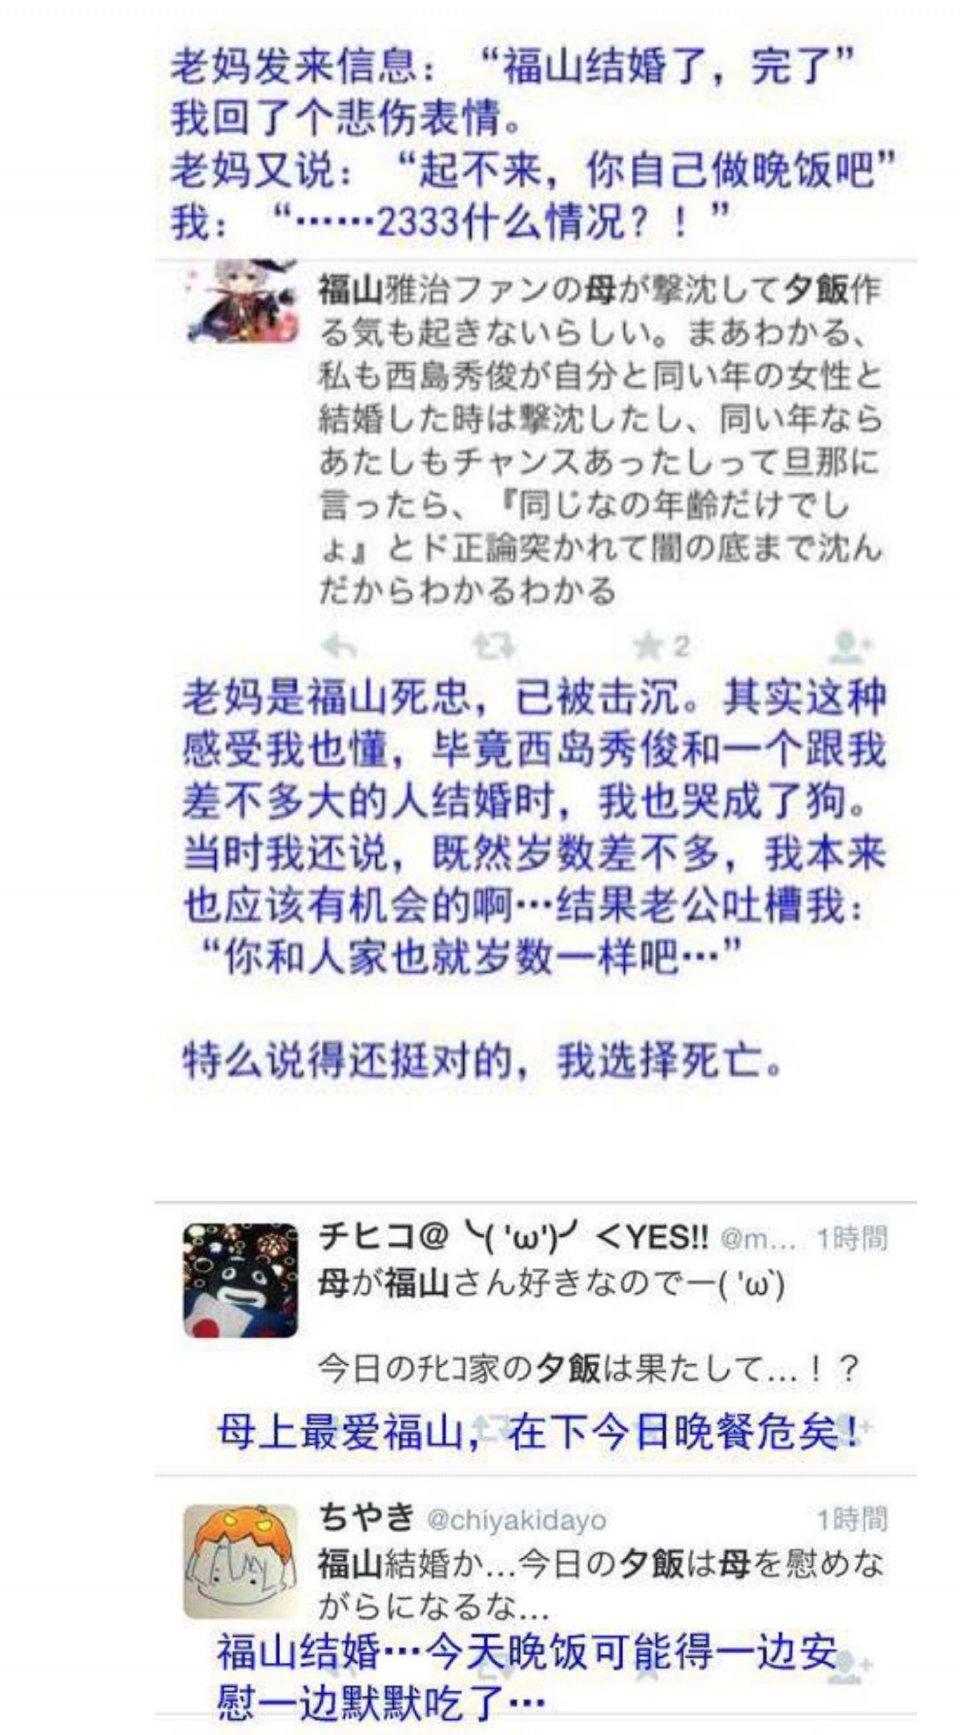 福山雅治被曝离婚 热点 热图7